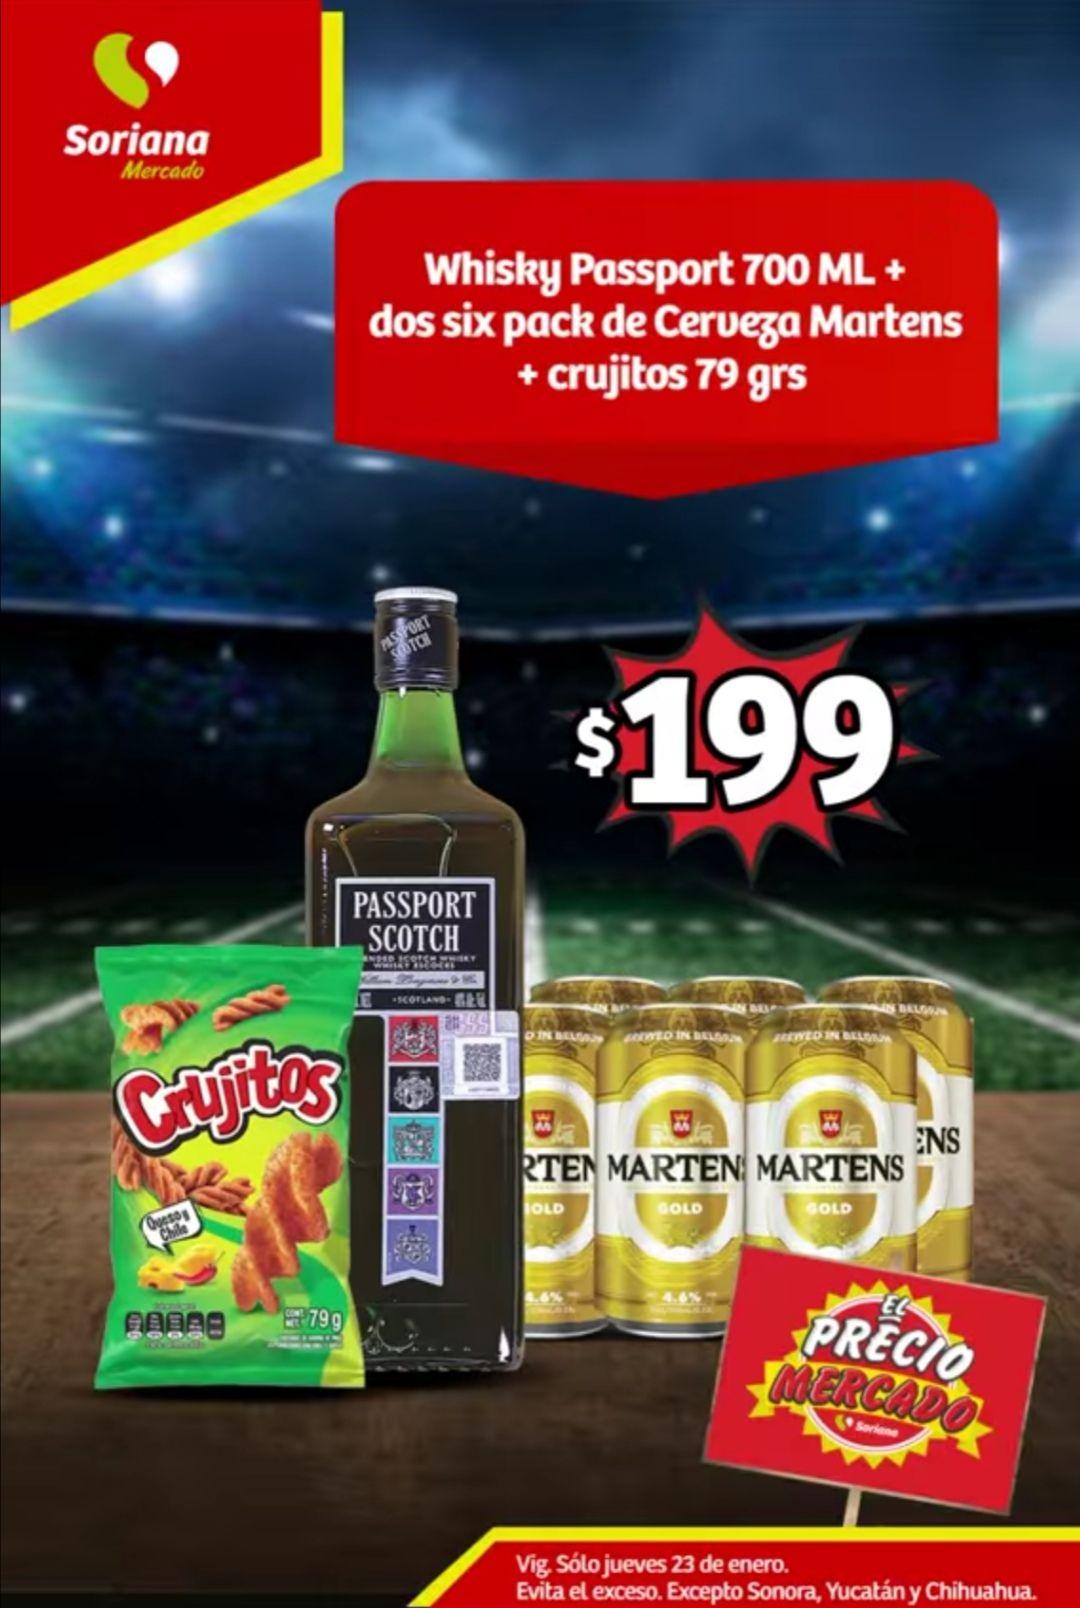 Soriana Mercado y Express: Jueves Cervecero 23 Enero: Whisky Passport 700 ml + 2 Six Pack Cerveza Martens + Crujitos 79 grs. $199